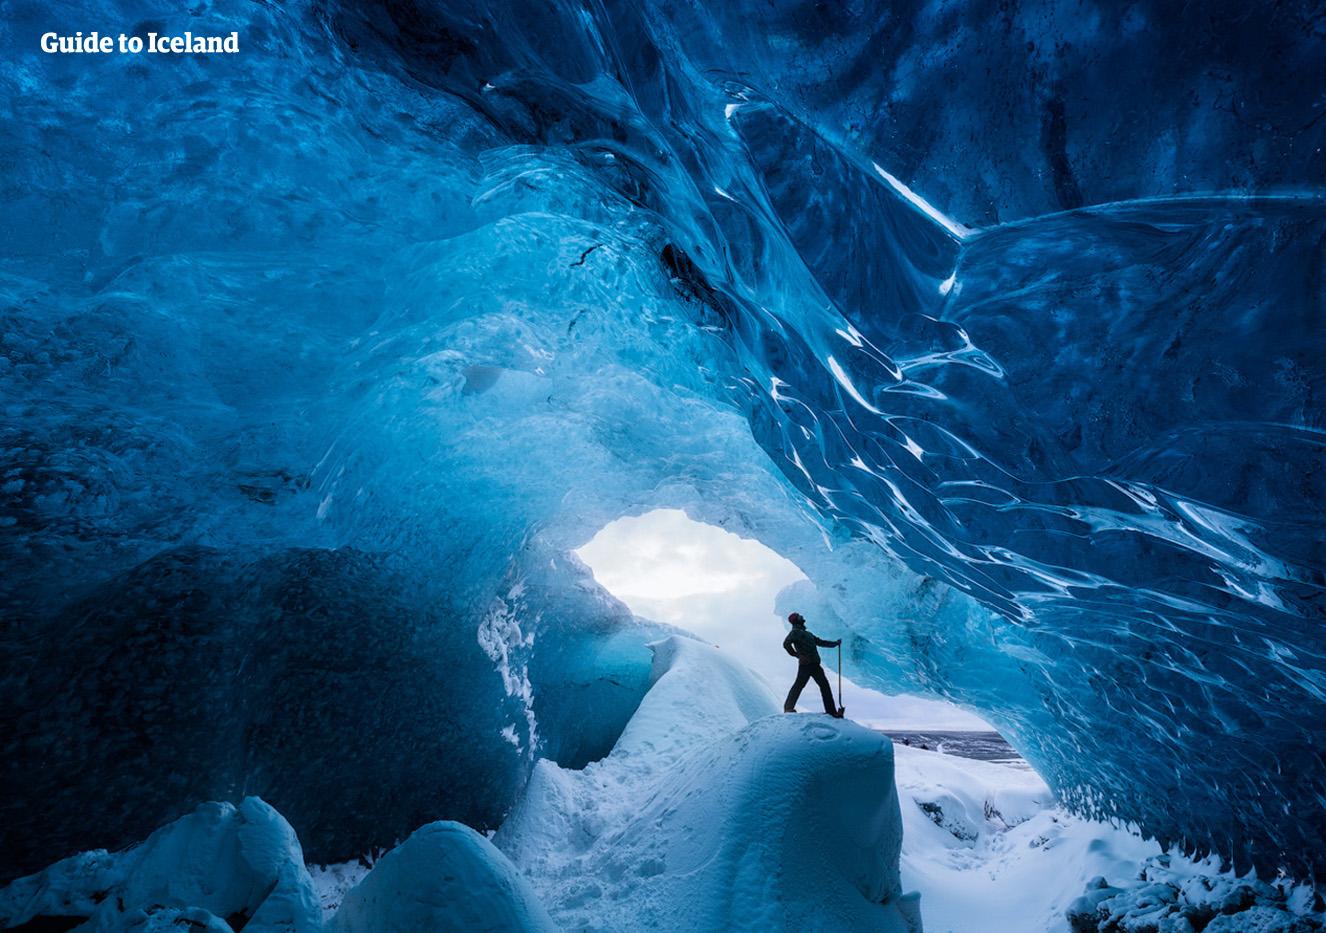 Entrer dans une grotte de glace est l'une des expériences les plus mémorables disponibles pour ceux qui visitent l'Islande.